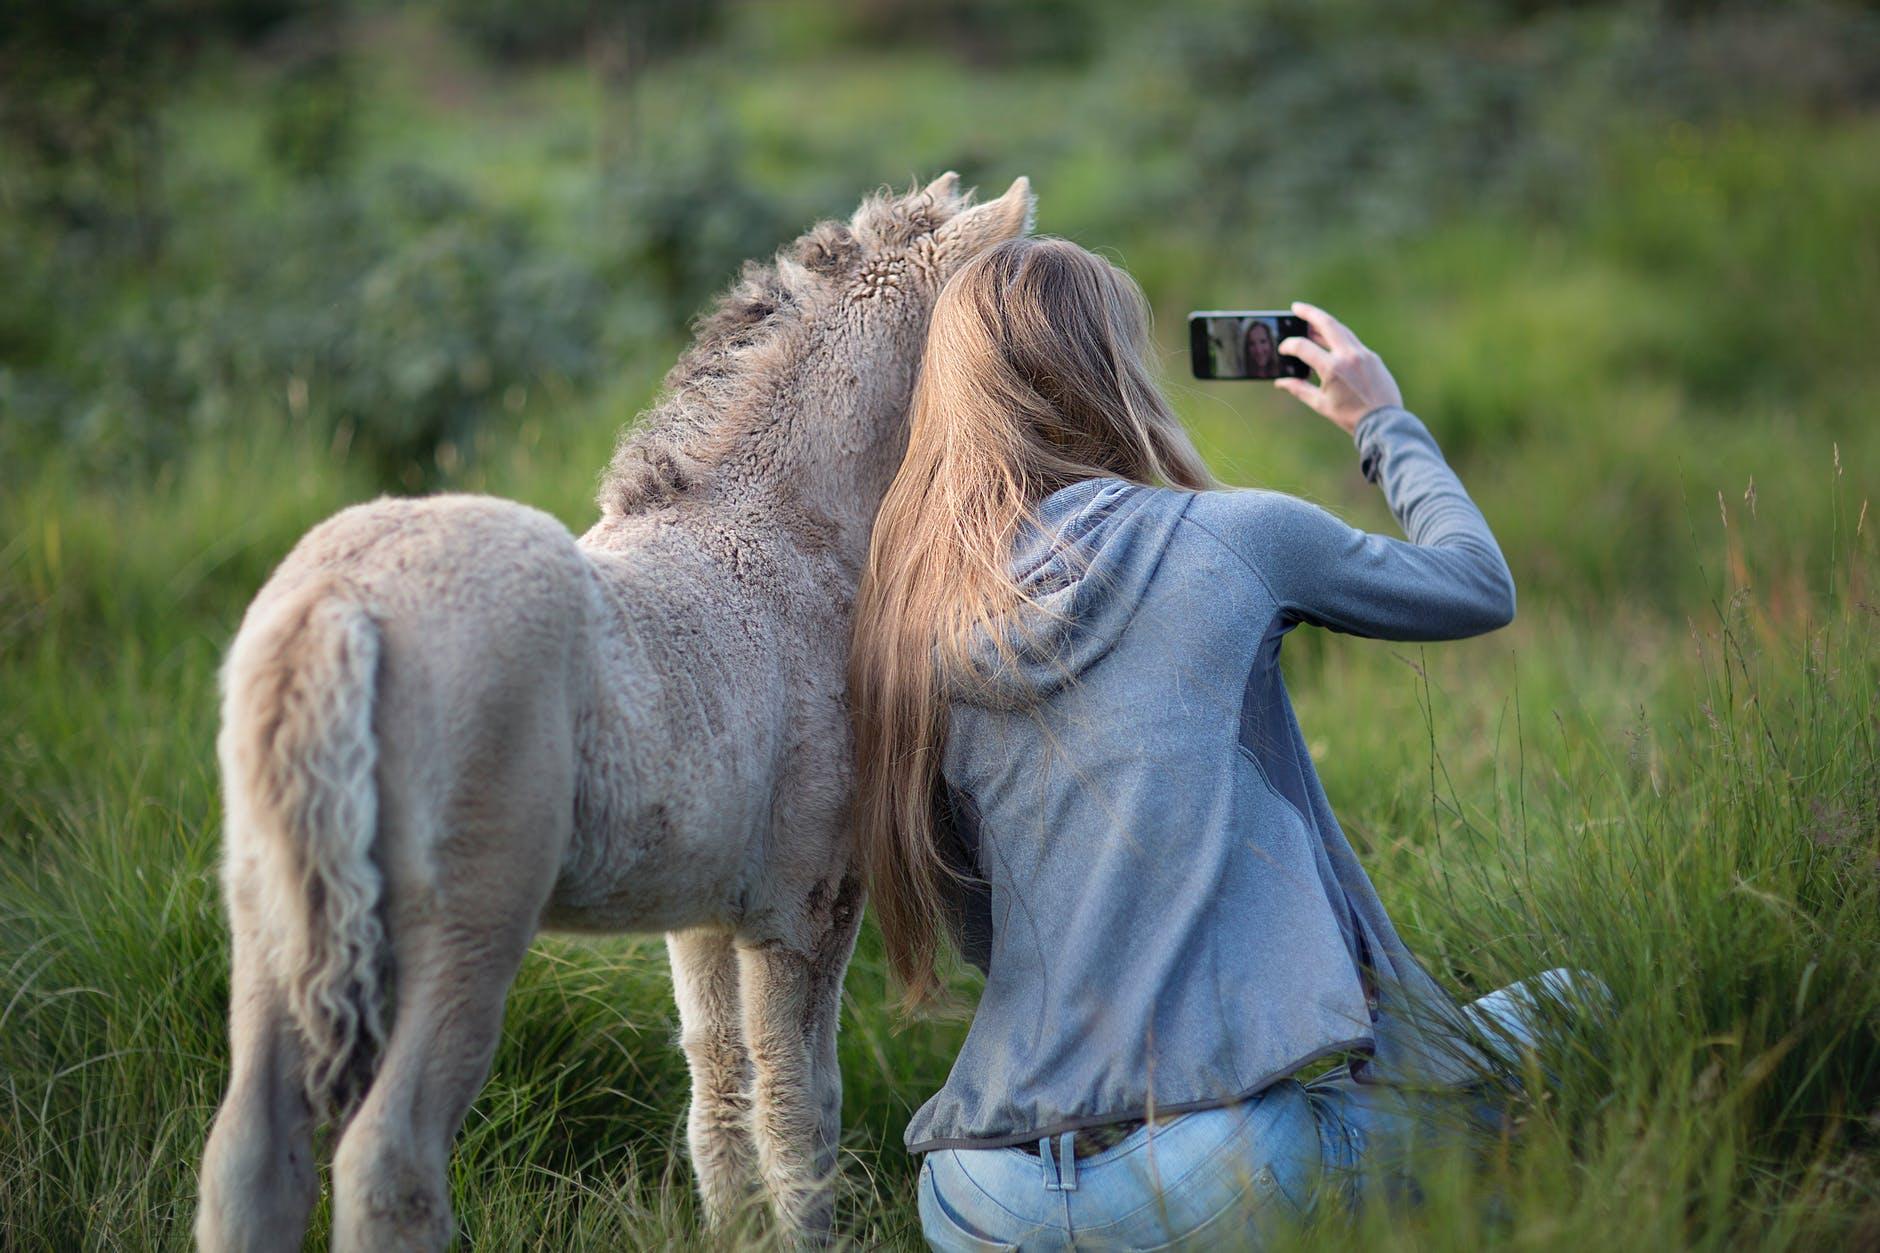 woman beside donkey taking selfie on grass